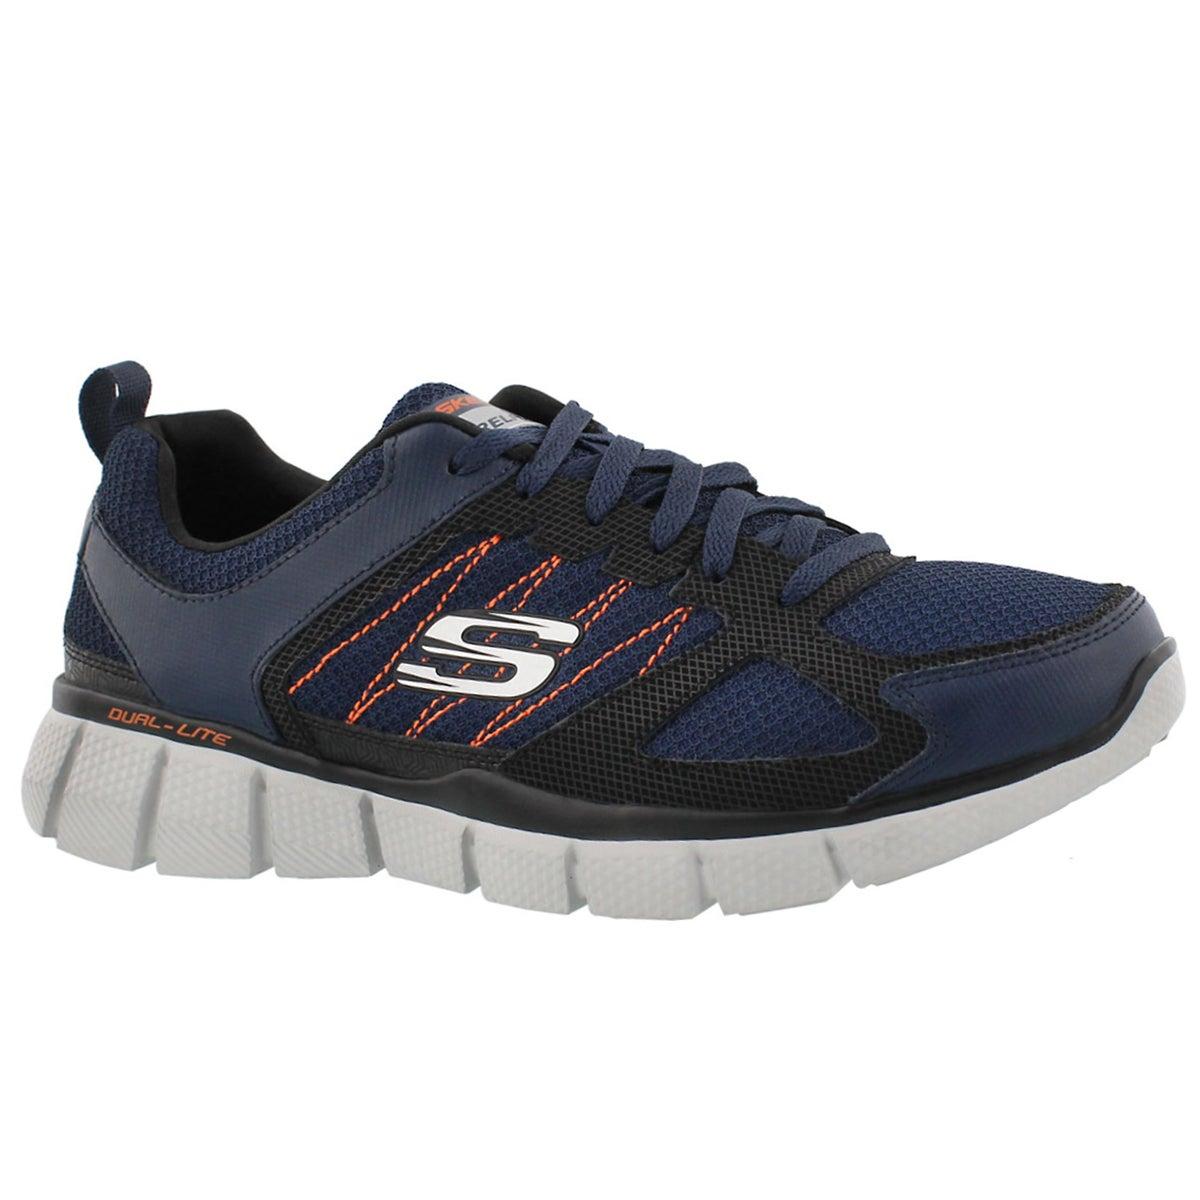 Men's EQUALIZER 2.0 ON TRACK navy/orange sneakers